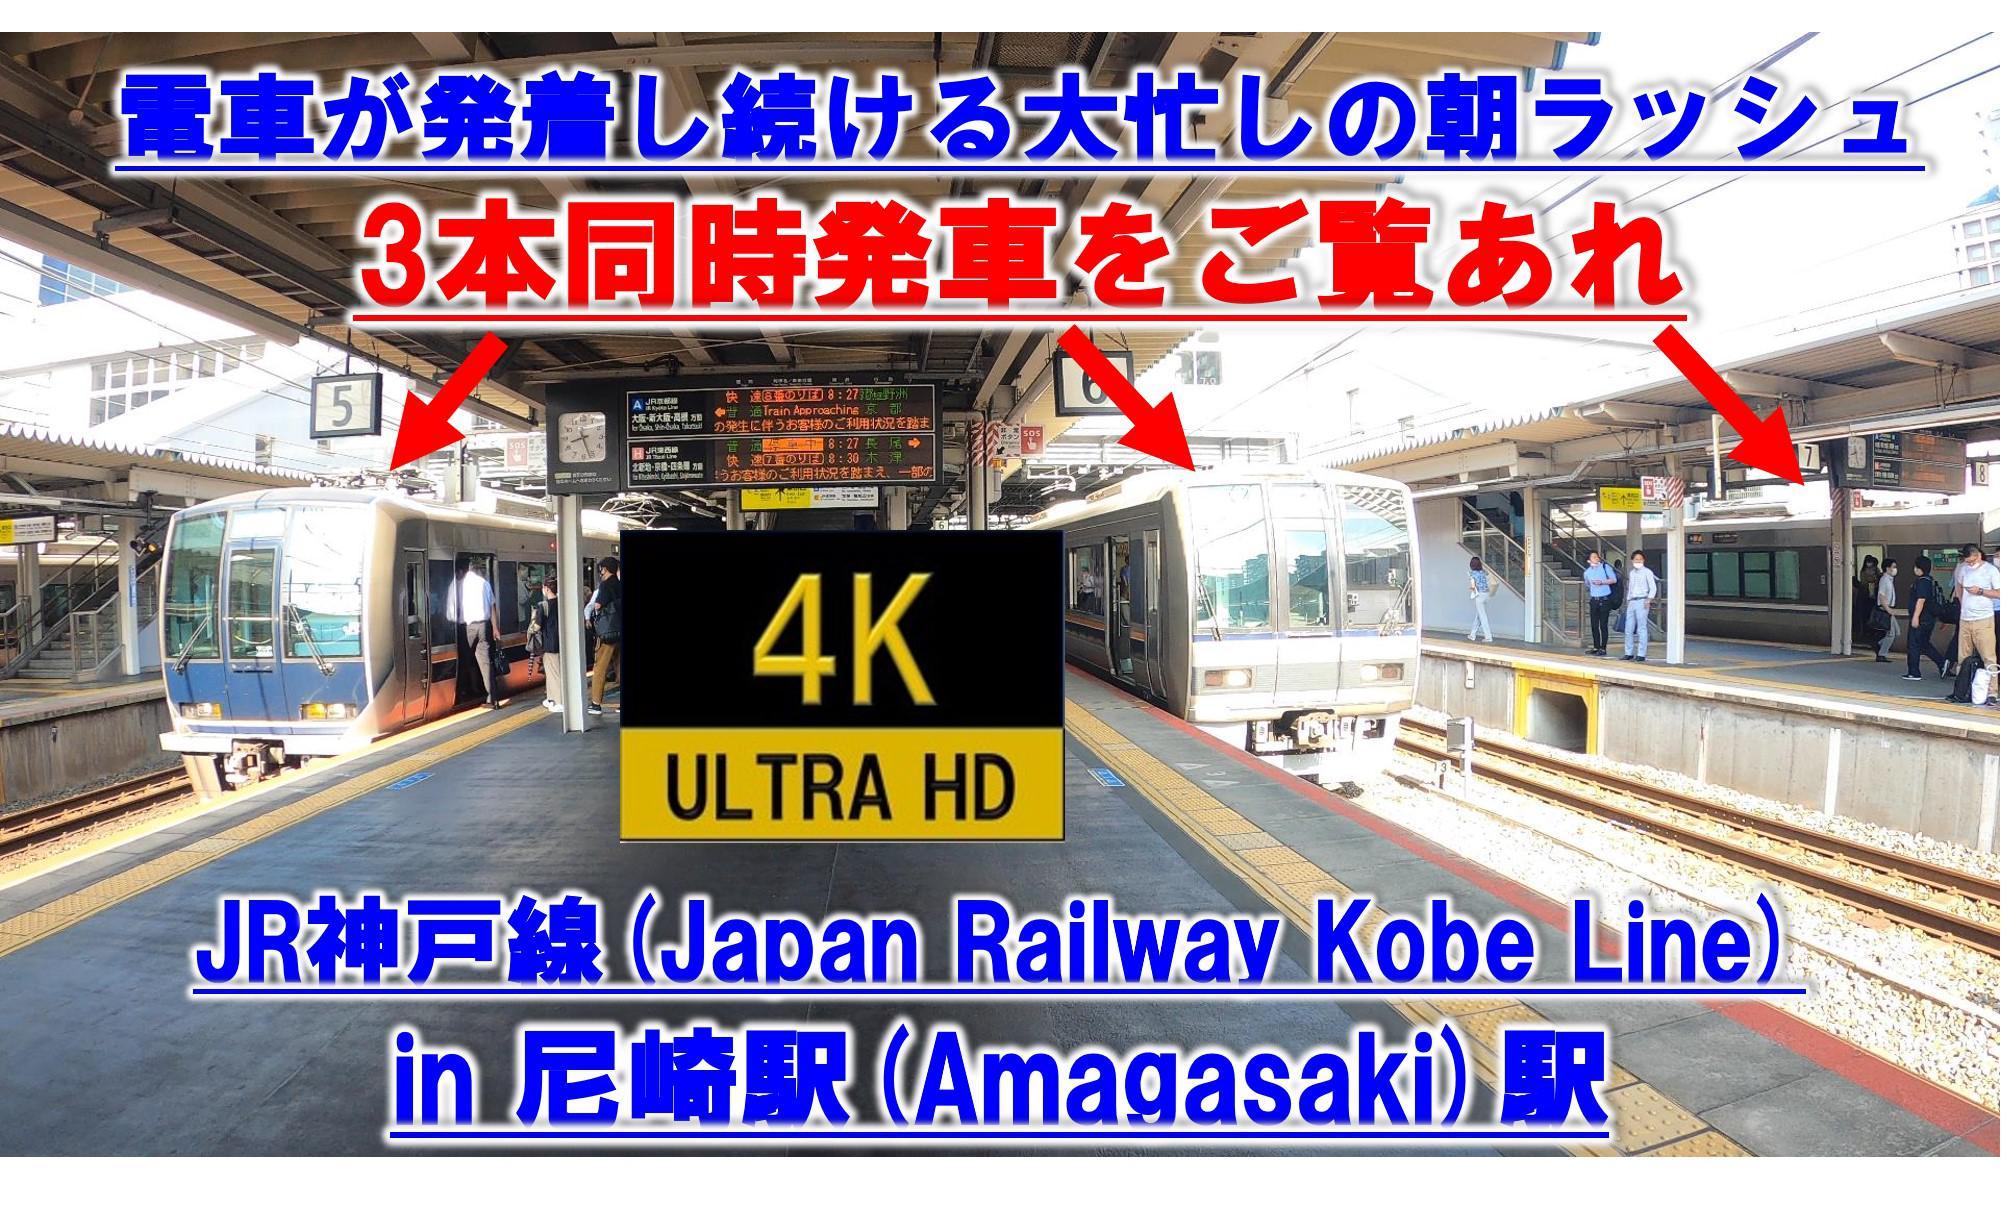 う Jr な 神戸 遅延 線